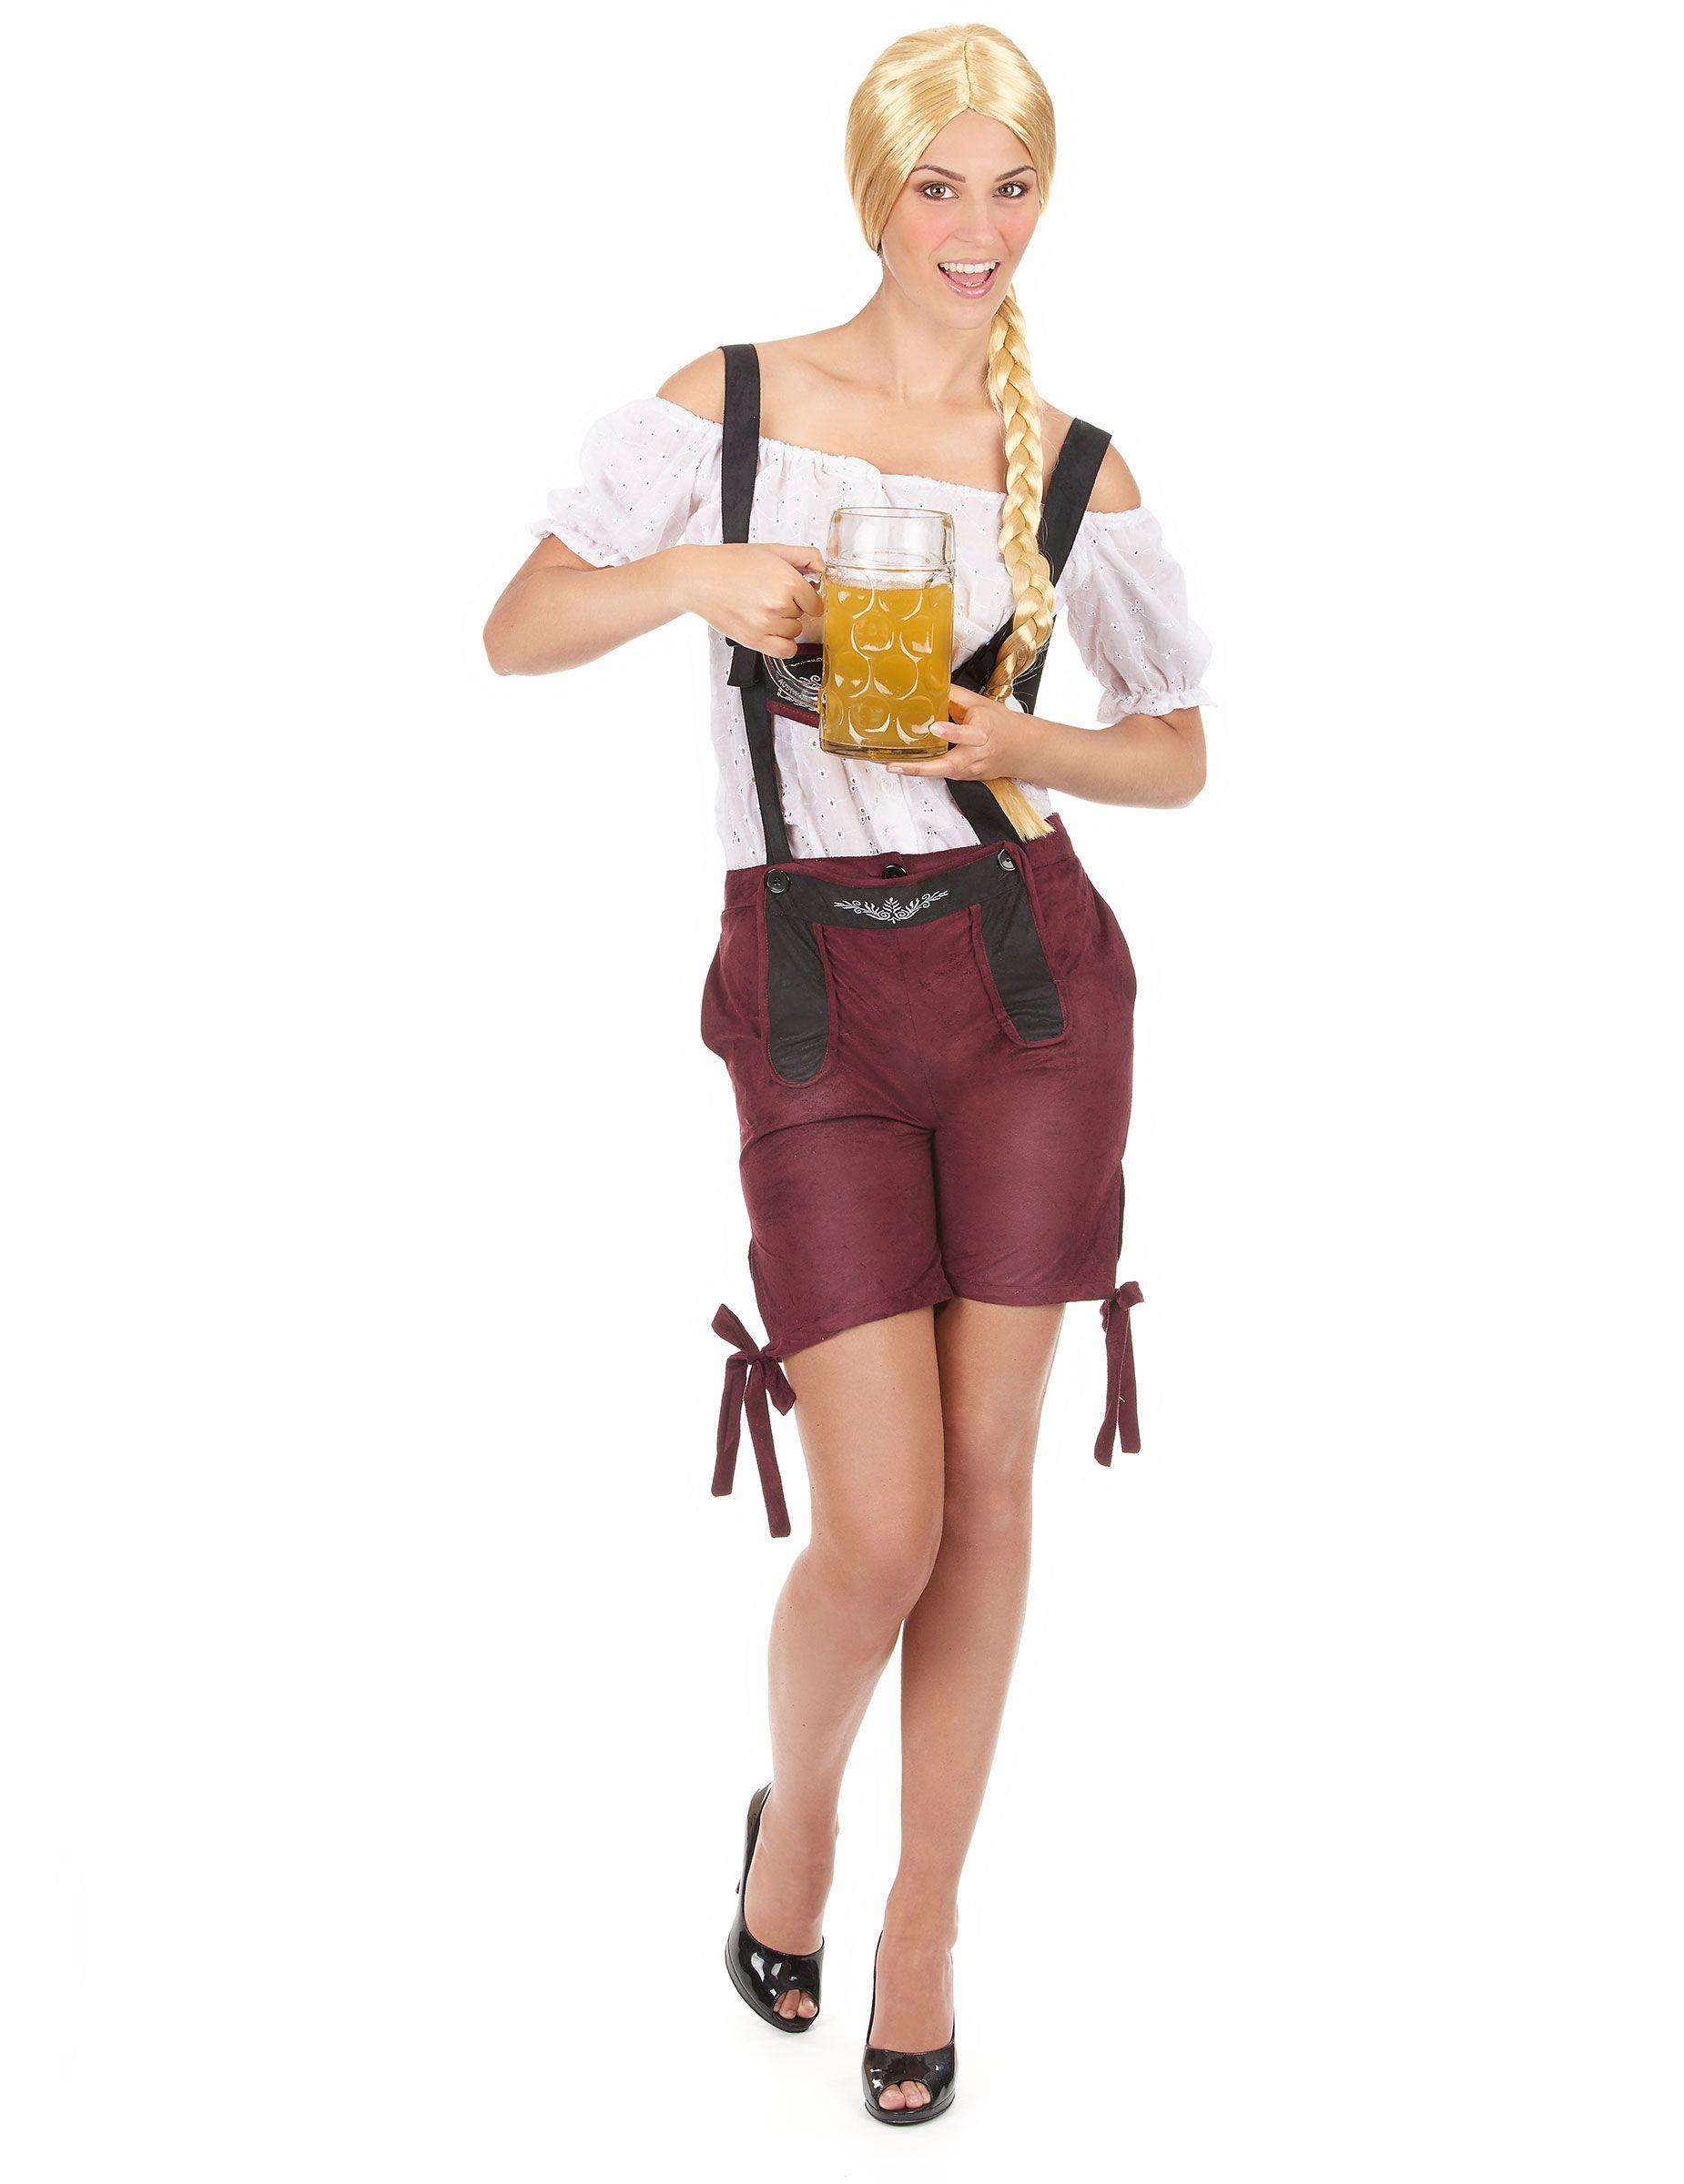 Disfraz tirolesa pantalón burdeos mujer  Este disfraz de tirolesa para mujer  incluye camisa y pantalón 5d8a06976e21